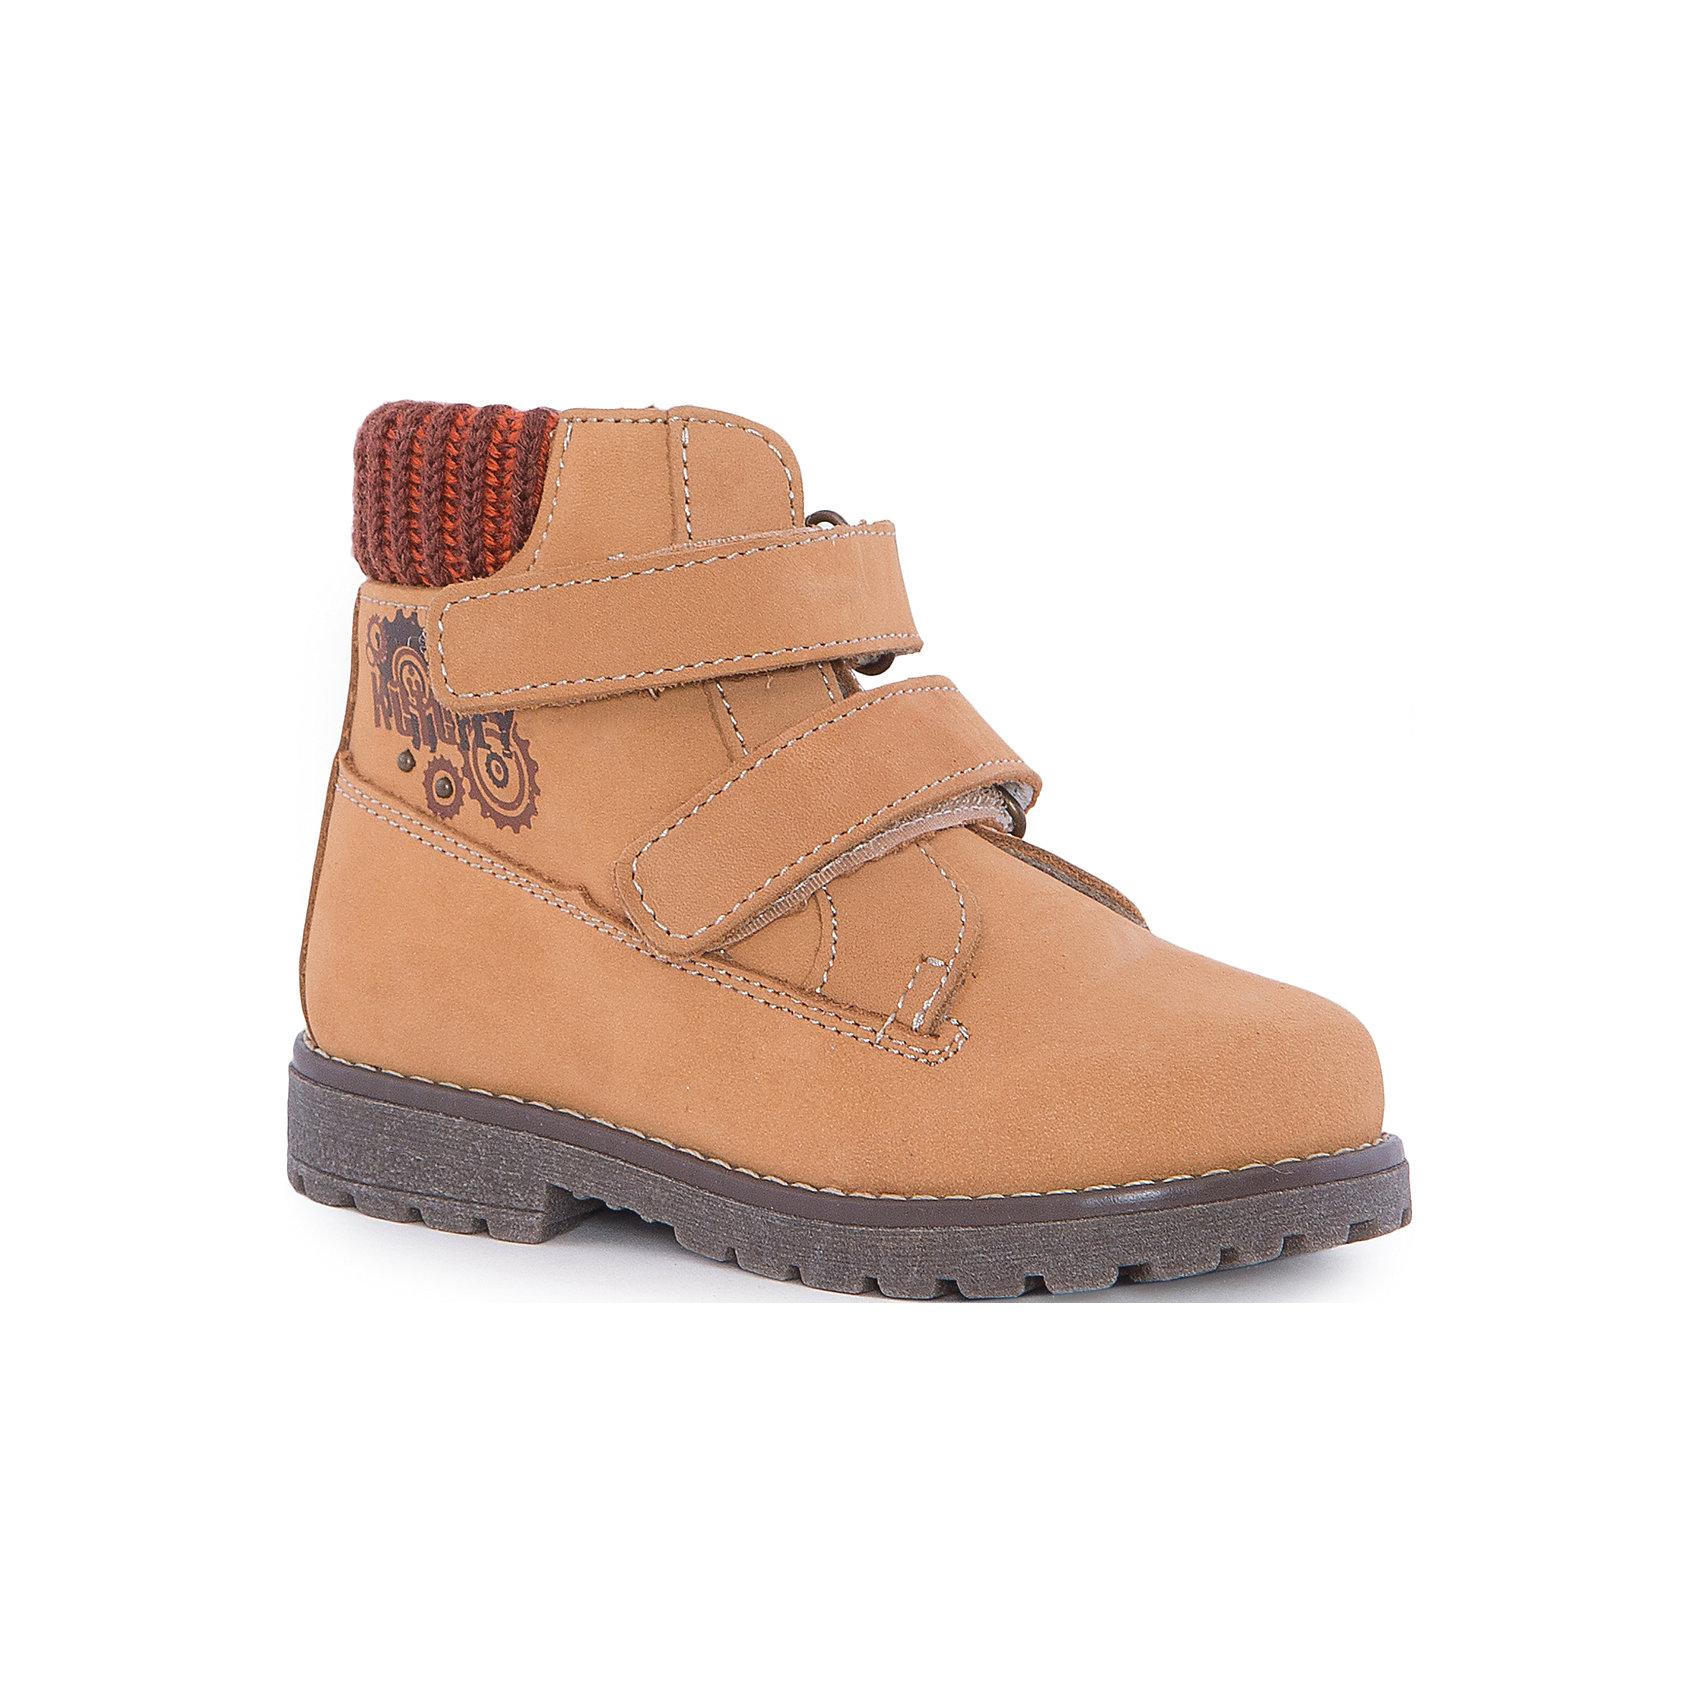 Ботинки для мальчика КотофейБотинки<br>Ботинки для мальчика Котофей.<br><br>Характеристики:<br><br>- Внешний материал: натуральная кожа<br>- Внутренний материал: байка<br>- Стелька: войлок<br>- Подошва: ТЭП<br>- Тип застежки: липучки<br>- Вид крепления обуви: клеевой<br>- Температурный режим до -10С<br>- Цвет: желтый<br>- Сезон: весна, осень<br>- Пол: для мальчиков<br><br>Стильные ботинки для мальчика торговой марки Котофей - отличный выбор для межсезонья. Верх модели выполнен полностью из дышащей натуральной кожи (нубук) с гидрофобными свойствами. Подкладка – утеплённая, из полушерстяной байки. Дополнительную защиту от прохлады даёт войлочная стелька, которую можно вытащить для просушки, воспользовавшись специальной петлёй. Сверху модели имеется мягкий трикотажный манжет, обеспечивающий удобство при ходьбе и предотвращающий натирание ноги. Гибкая, широкая, клеевая подошва с рельефным протектором обеспечит превосходное сцепление с поверхностью. Она выполнена из термоэластопласта (ТЭП) – пластичного материала, отлично амортизирующего при шаге и не теряющего своих свойств при понижении температур. Два ремня с липучкой позволяют не только быстро обувать и снимать обувь, но и обеспечивают плотное прилегание обуви к стопе. Дизайн соответствует и европейским, и отечественным тенденциям моды. Детская обувь «Котофей» качественна, красива, добротна, комфортна и долговечна. Она производится на Егорьевской обувной фабрике. Жесткий контроль производства и постоянное совершенствование технологий при многолетнем опыте позволяют считать компанию одним из лидеров среди отечественных производителей детской обуви.<br><br>Ботинки для мальчика Котофей можно купить в нашем интернет-магазине.<br><br>Ширина мм: 262<br>Глубина мм: 176<br>Высота мм: 97<br>Вес г: 427<br>Цвет: желтый<br>Возраст от месяцев: 9<br>Возраст до месяцев: 12<br>Пол: Мужской<br>Возраст: Детский<br>Размер: 20,24,21,22,23<br>SKU: 5023942